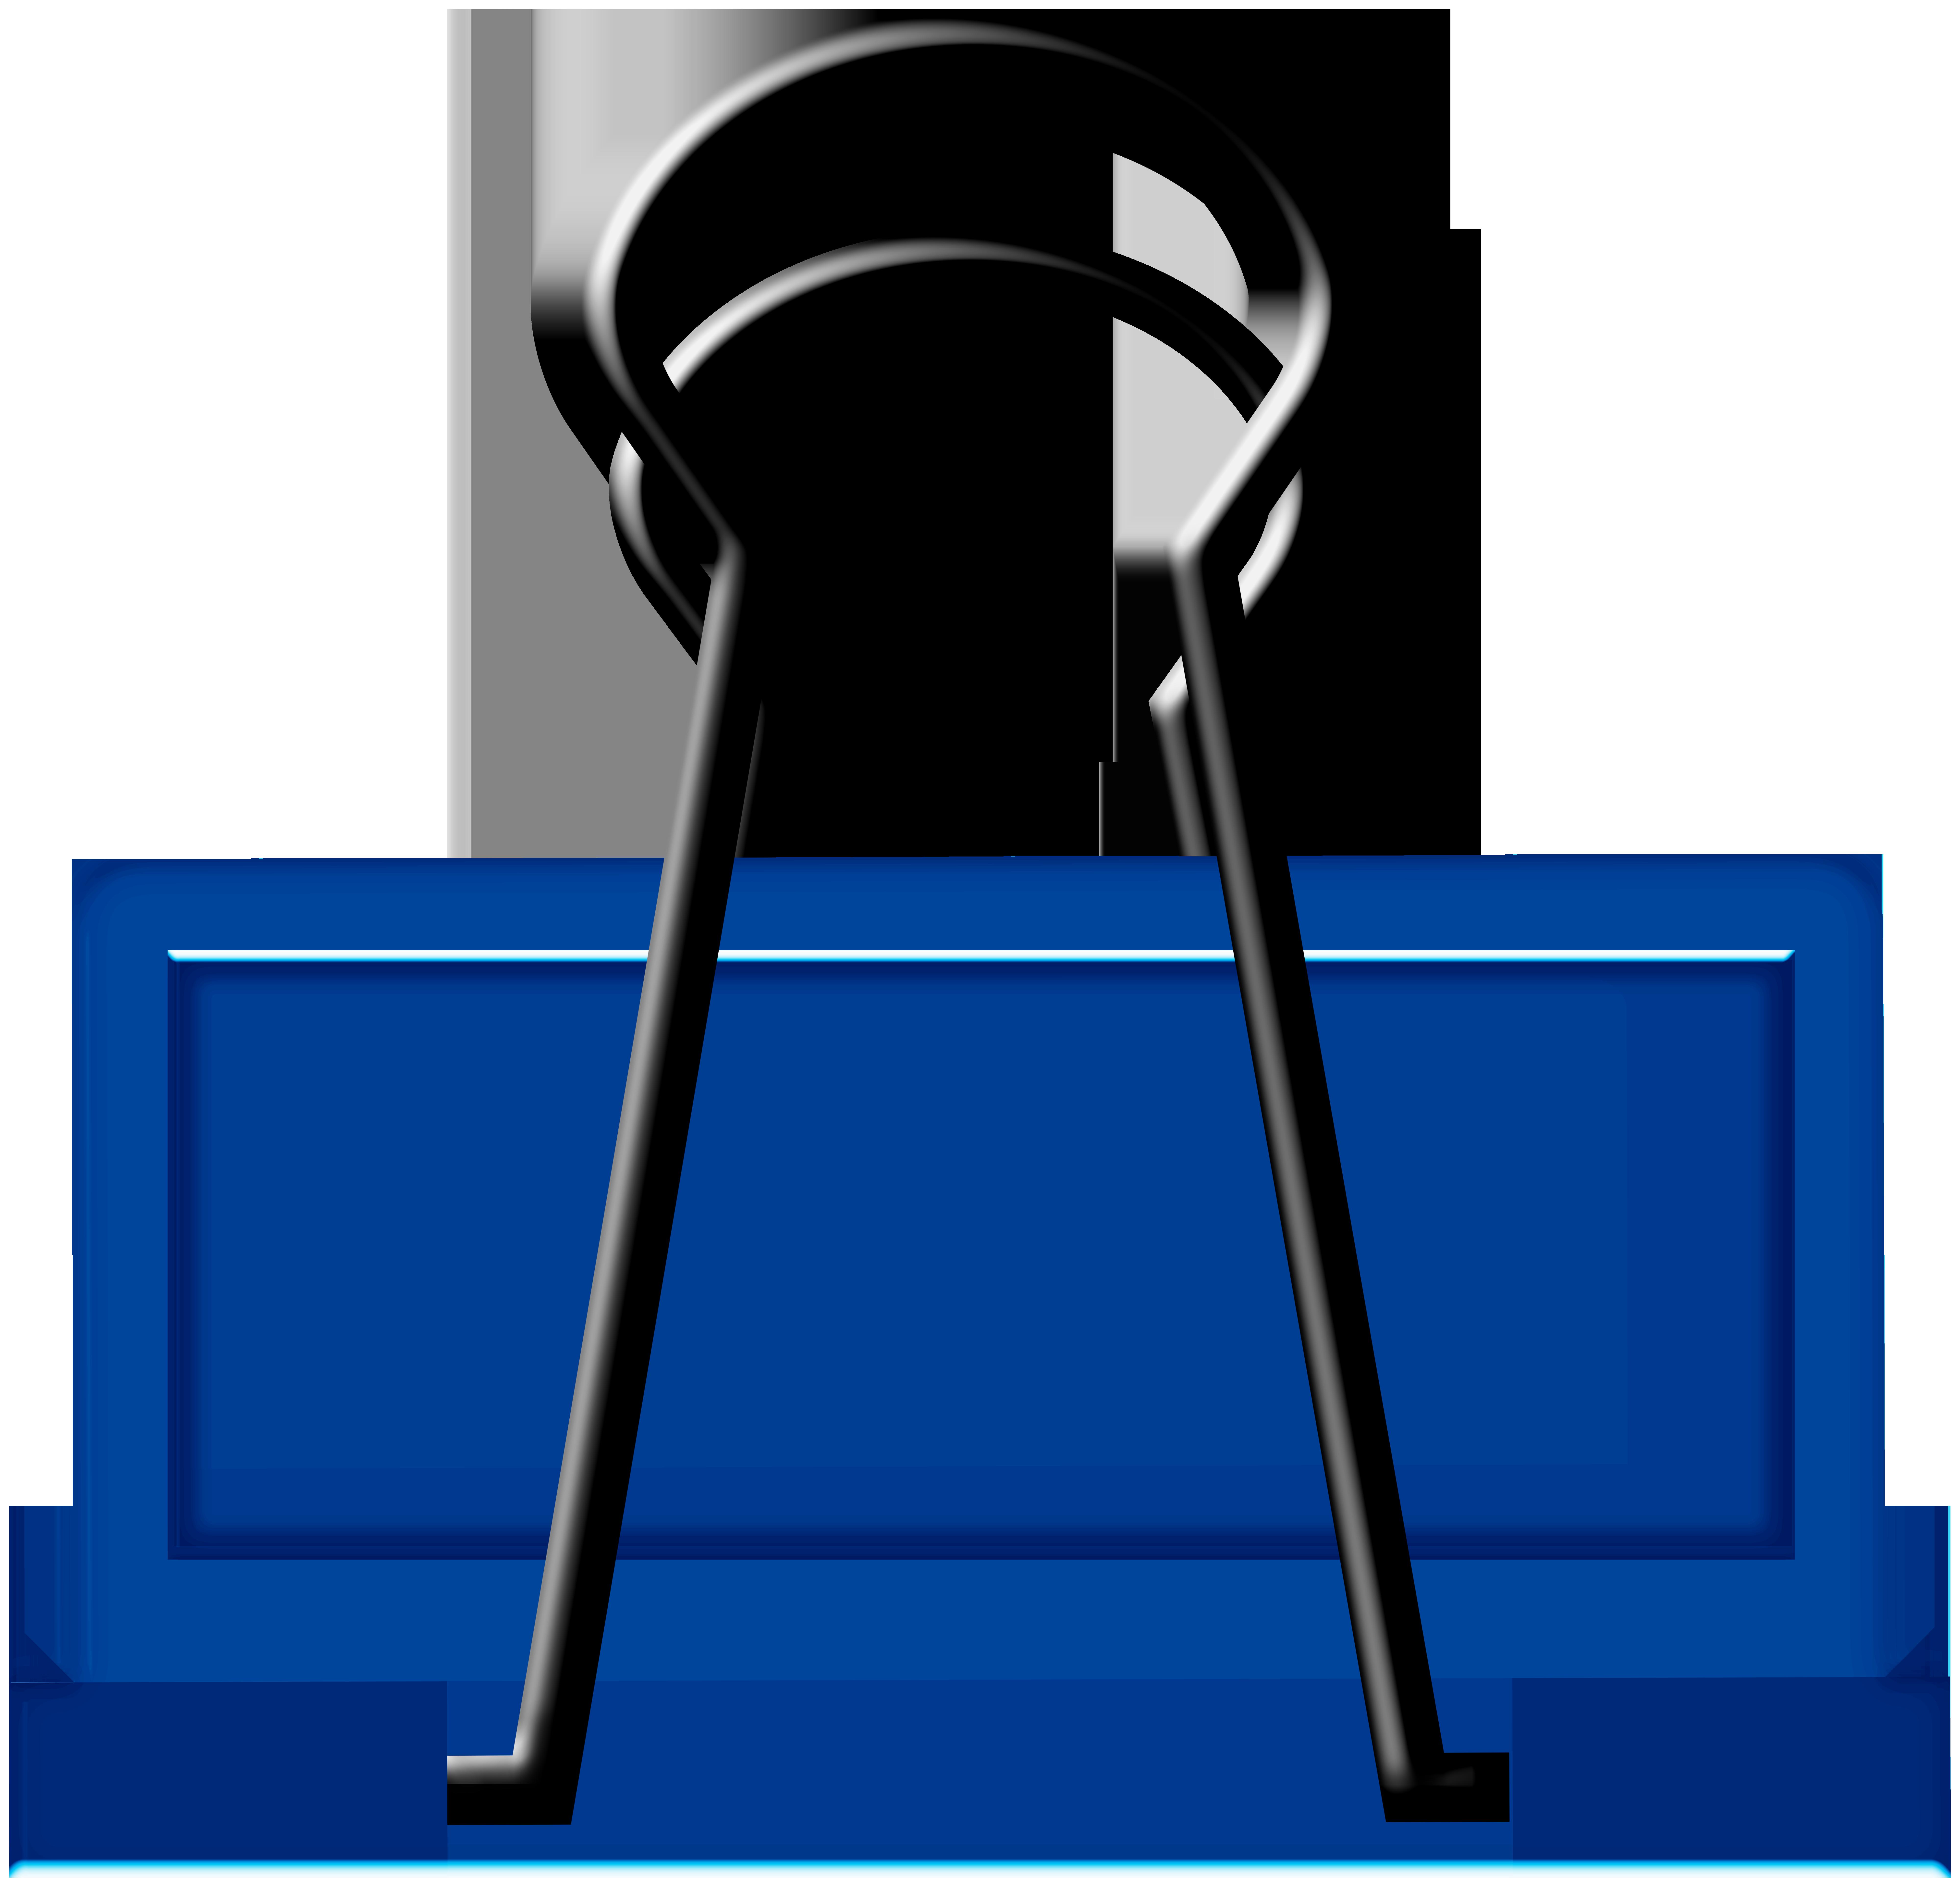 Binder clipart blue. Clip art best web